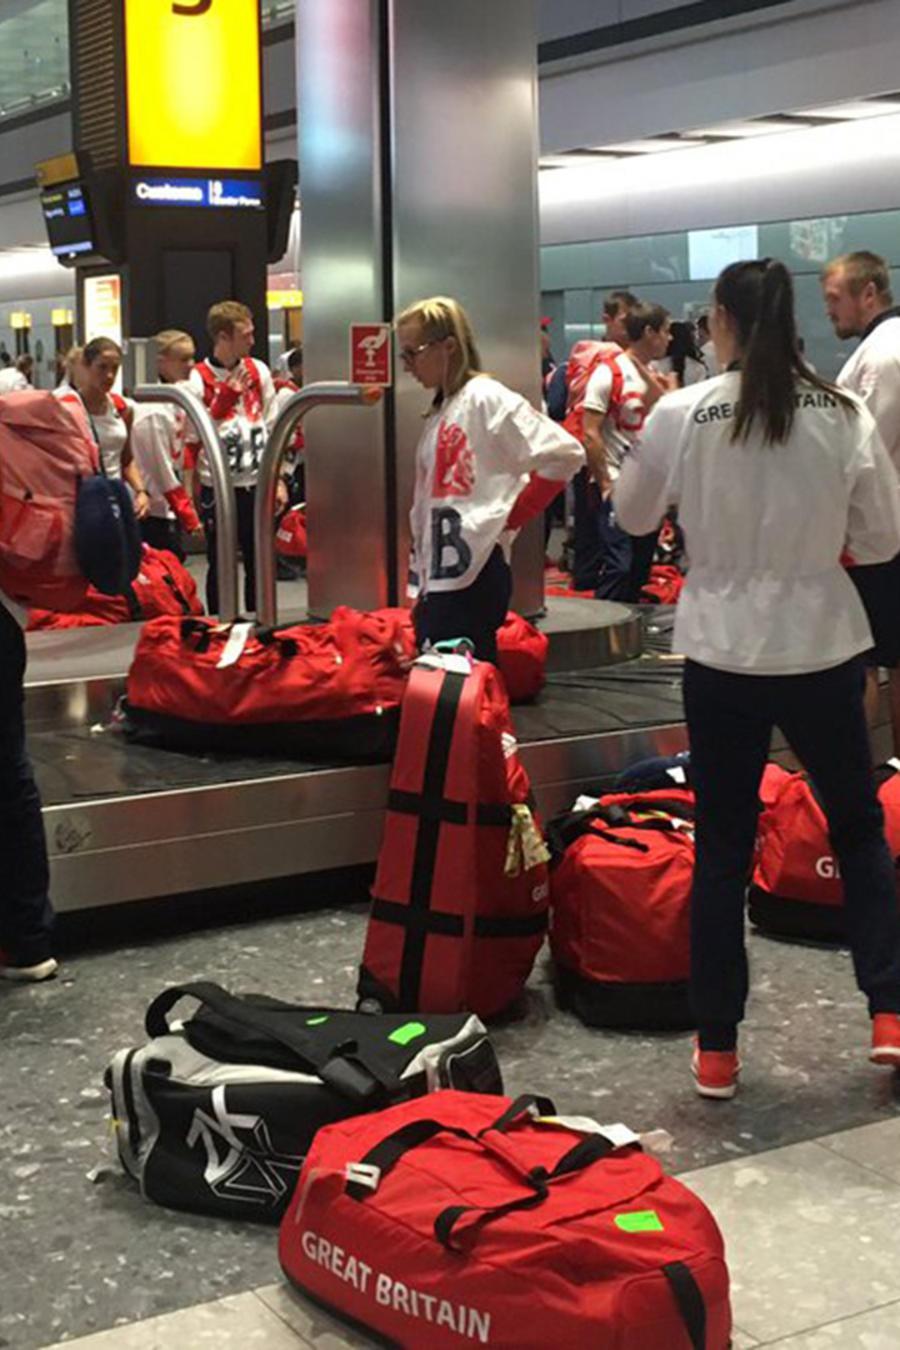 Atletas de Gran Bretaña confundidos al llegar al aeropuerto Heathrow de Londres con 900 maletas rojas iguales